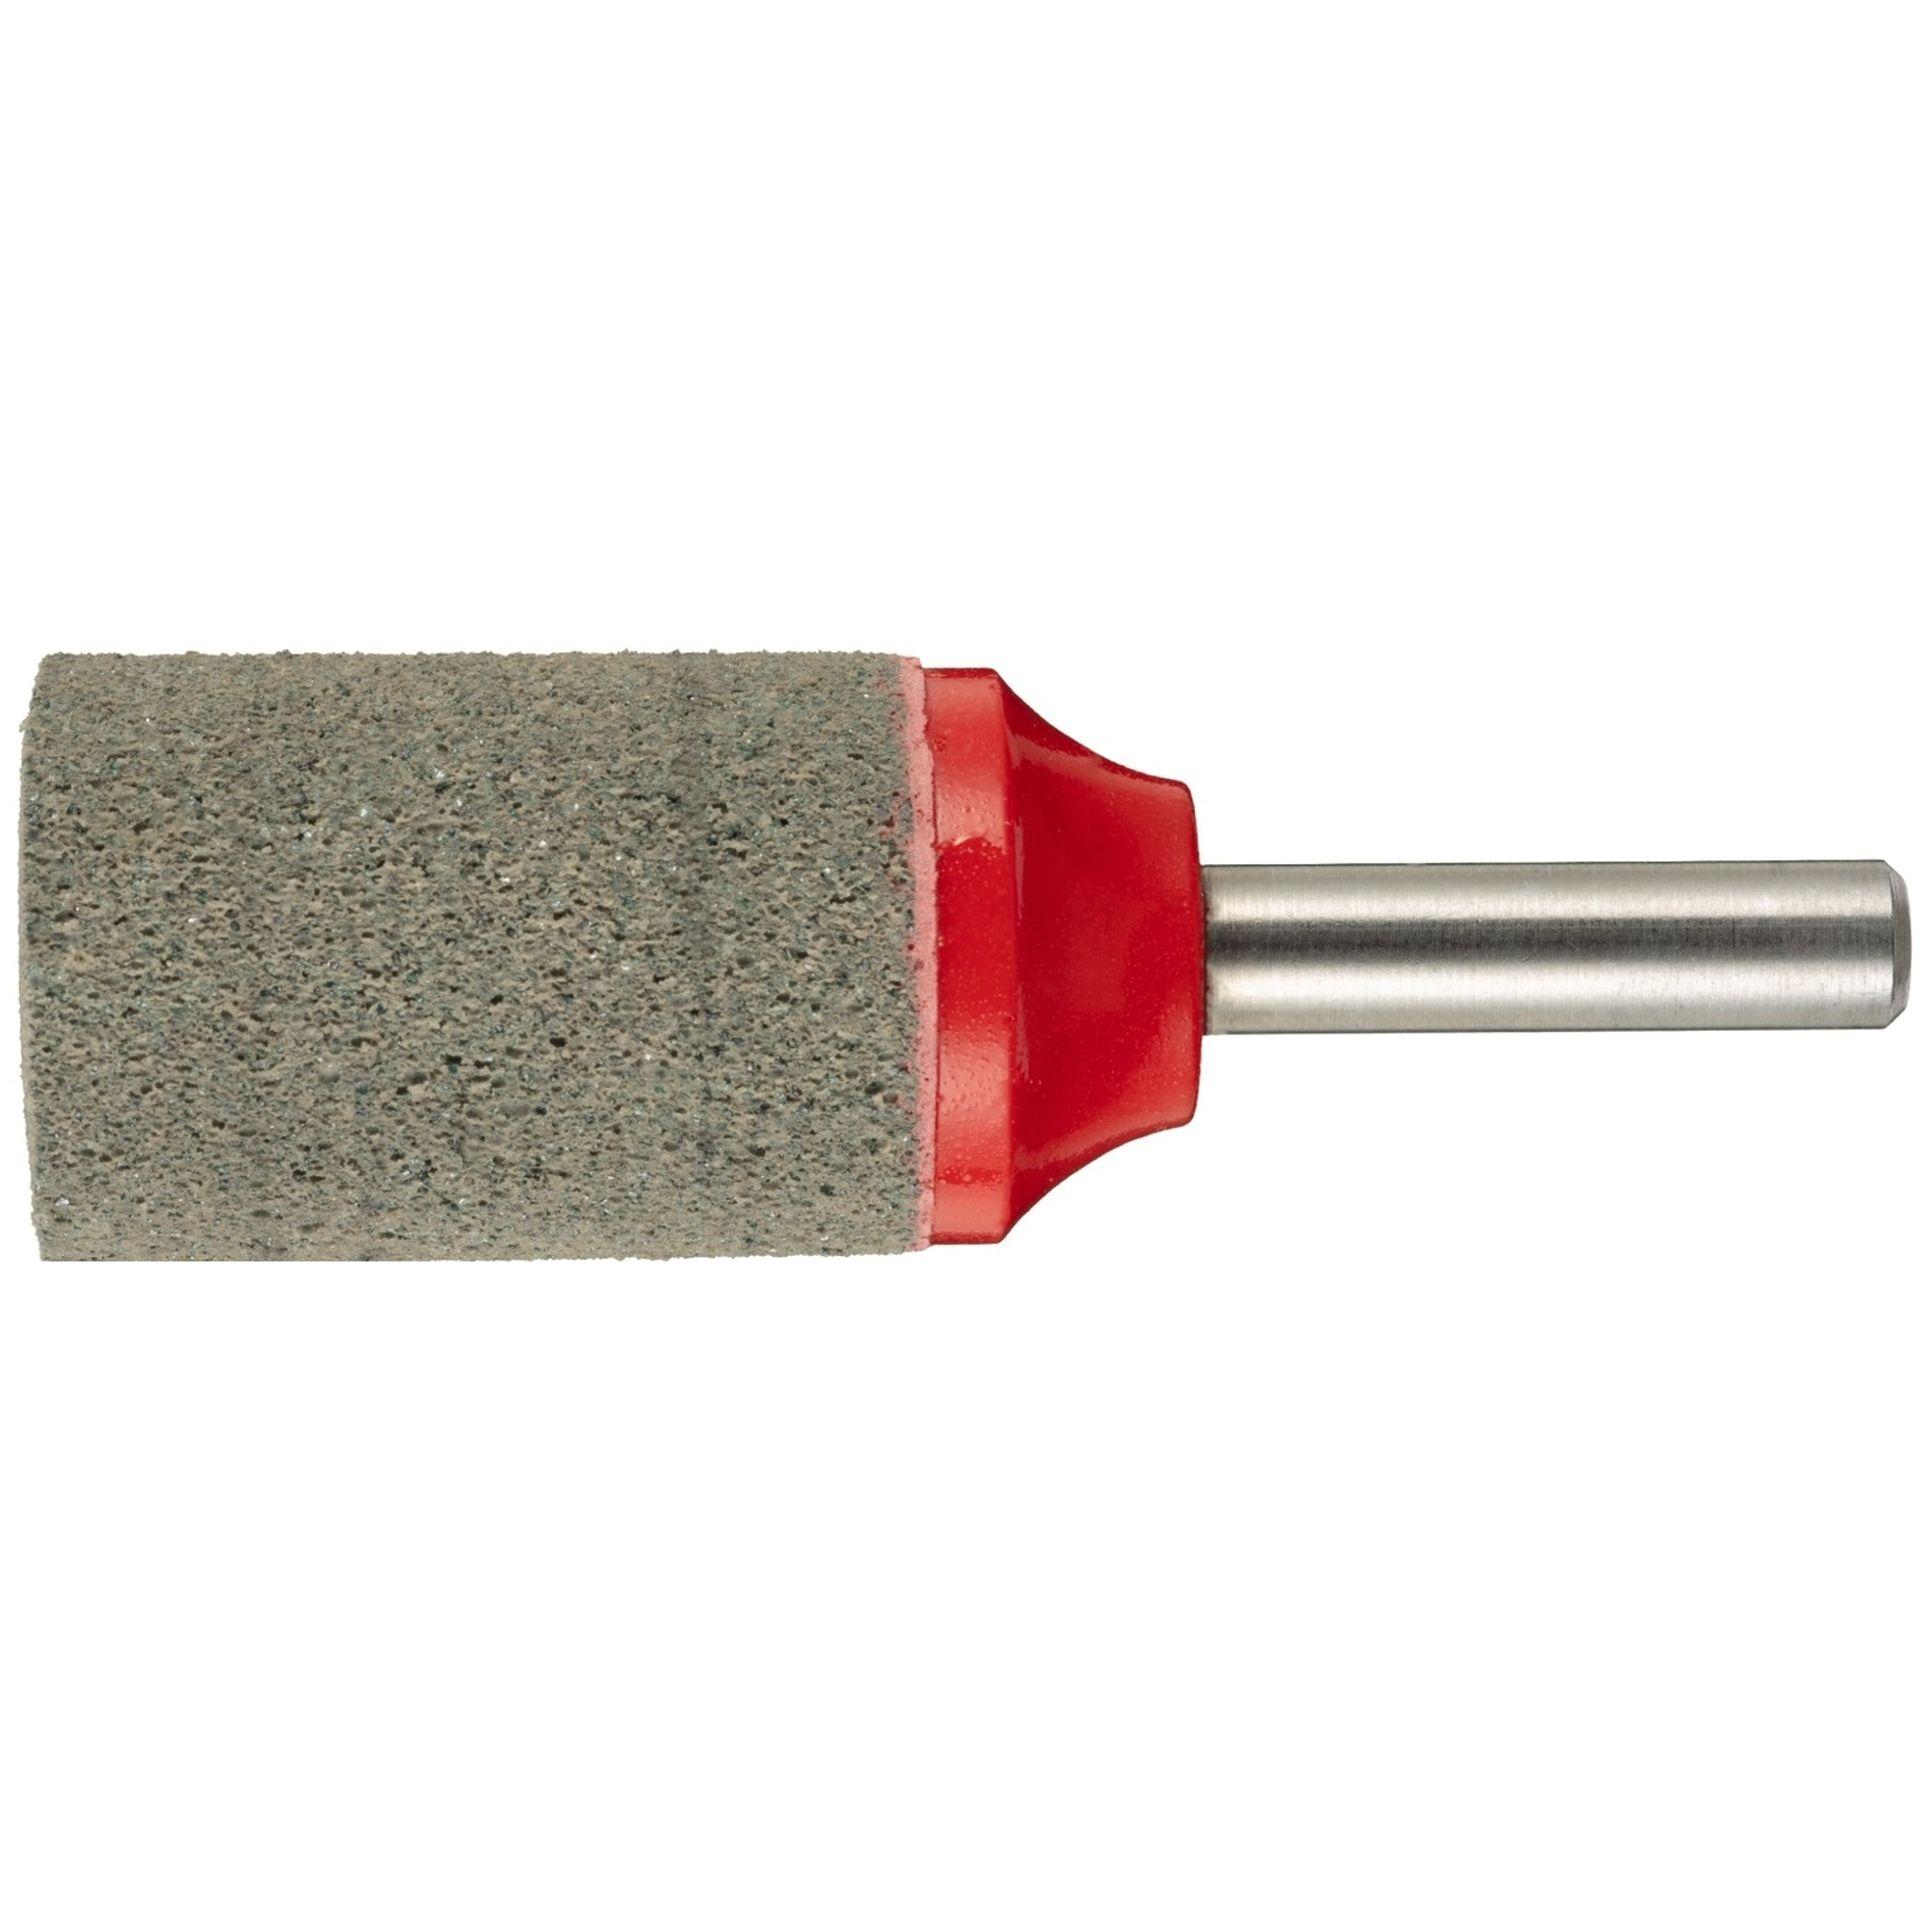 LUKAS Marmorierstift P6MA Medium 30x30 mm Schaft 6 mm Siliciumcarbid Korn 46